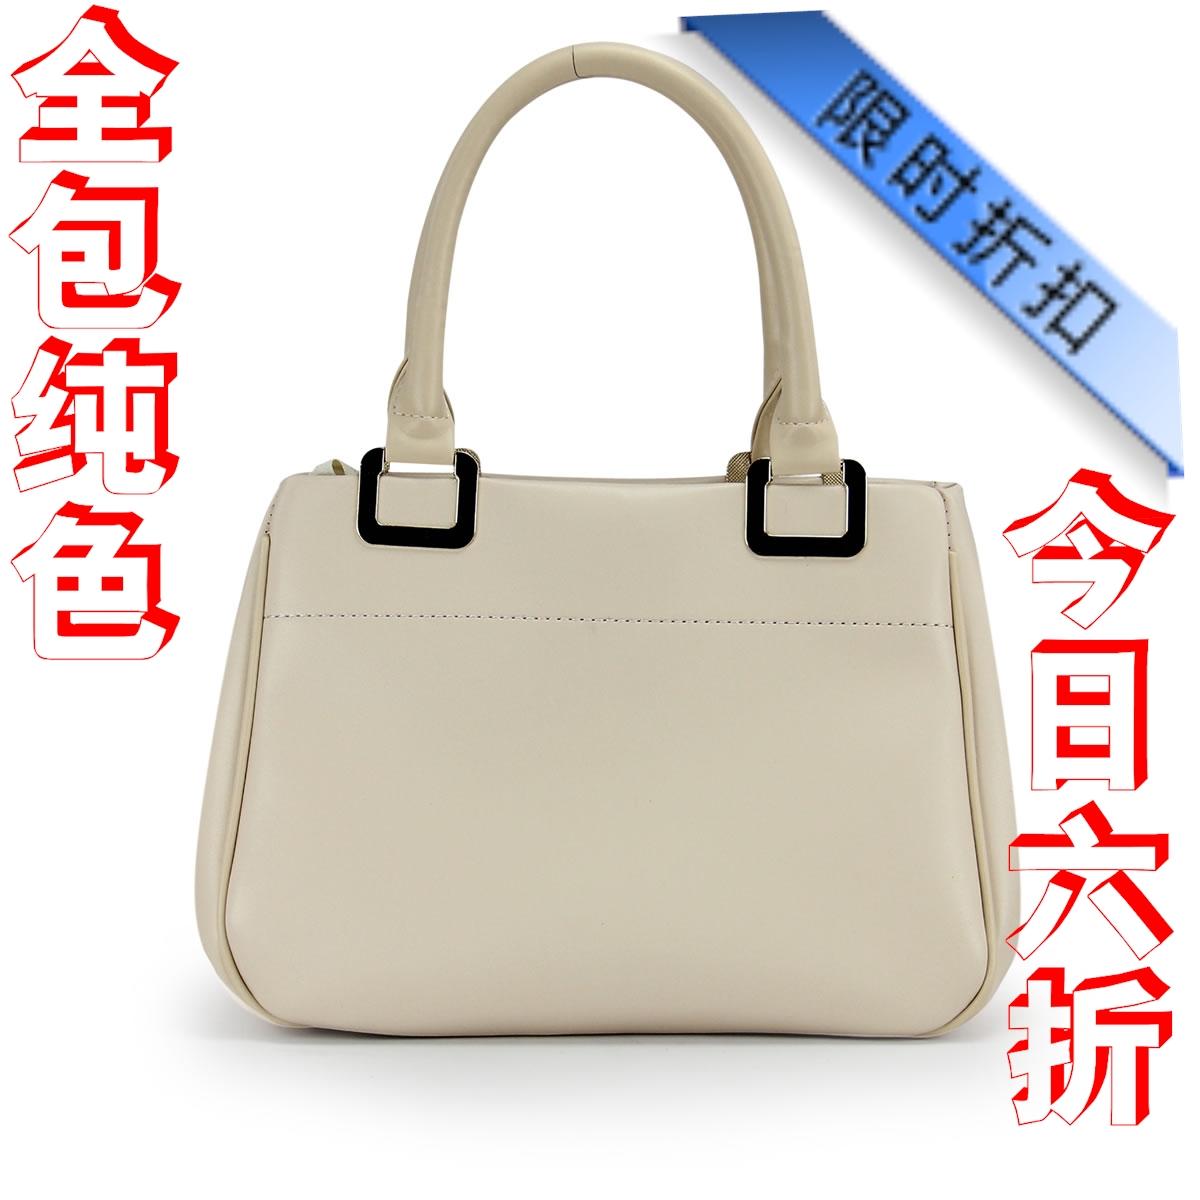 été, 2014 sac des femmes de mode sac à main féminine's femelle, petits sacs portative horizontale carrés